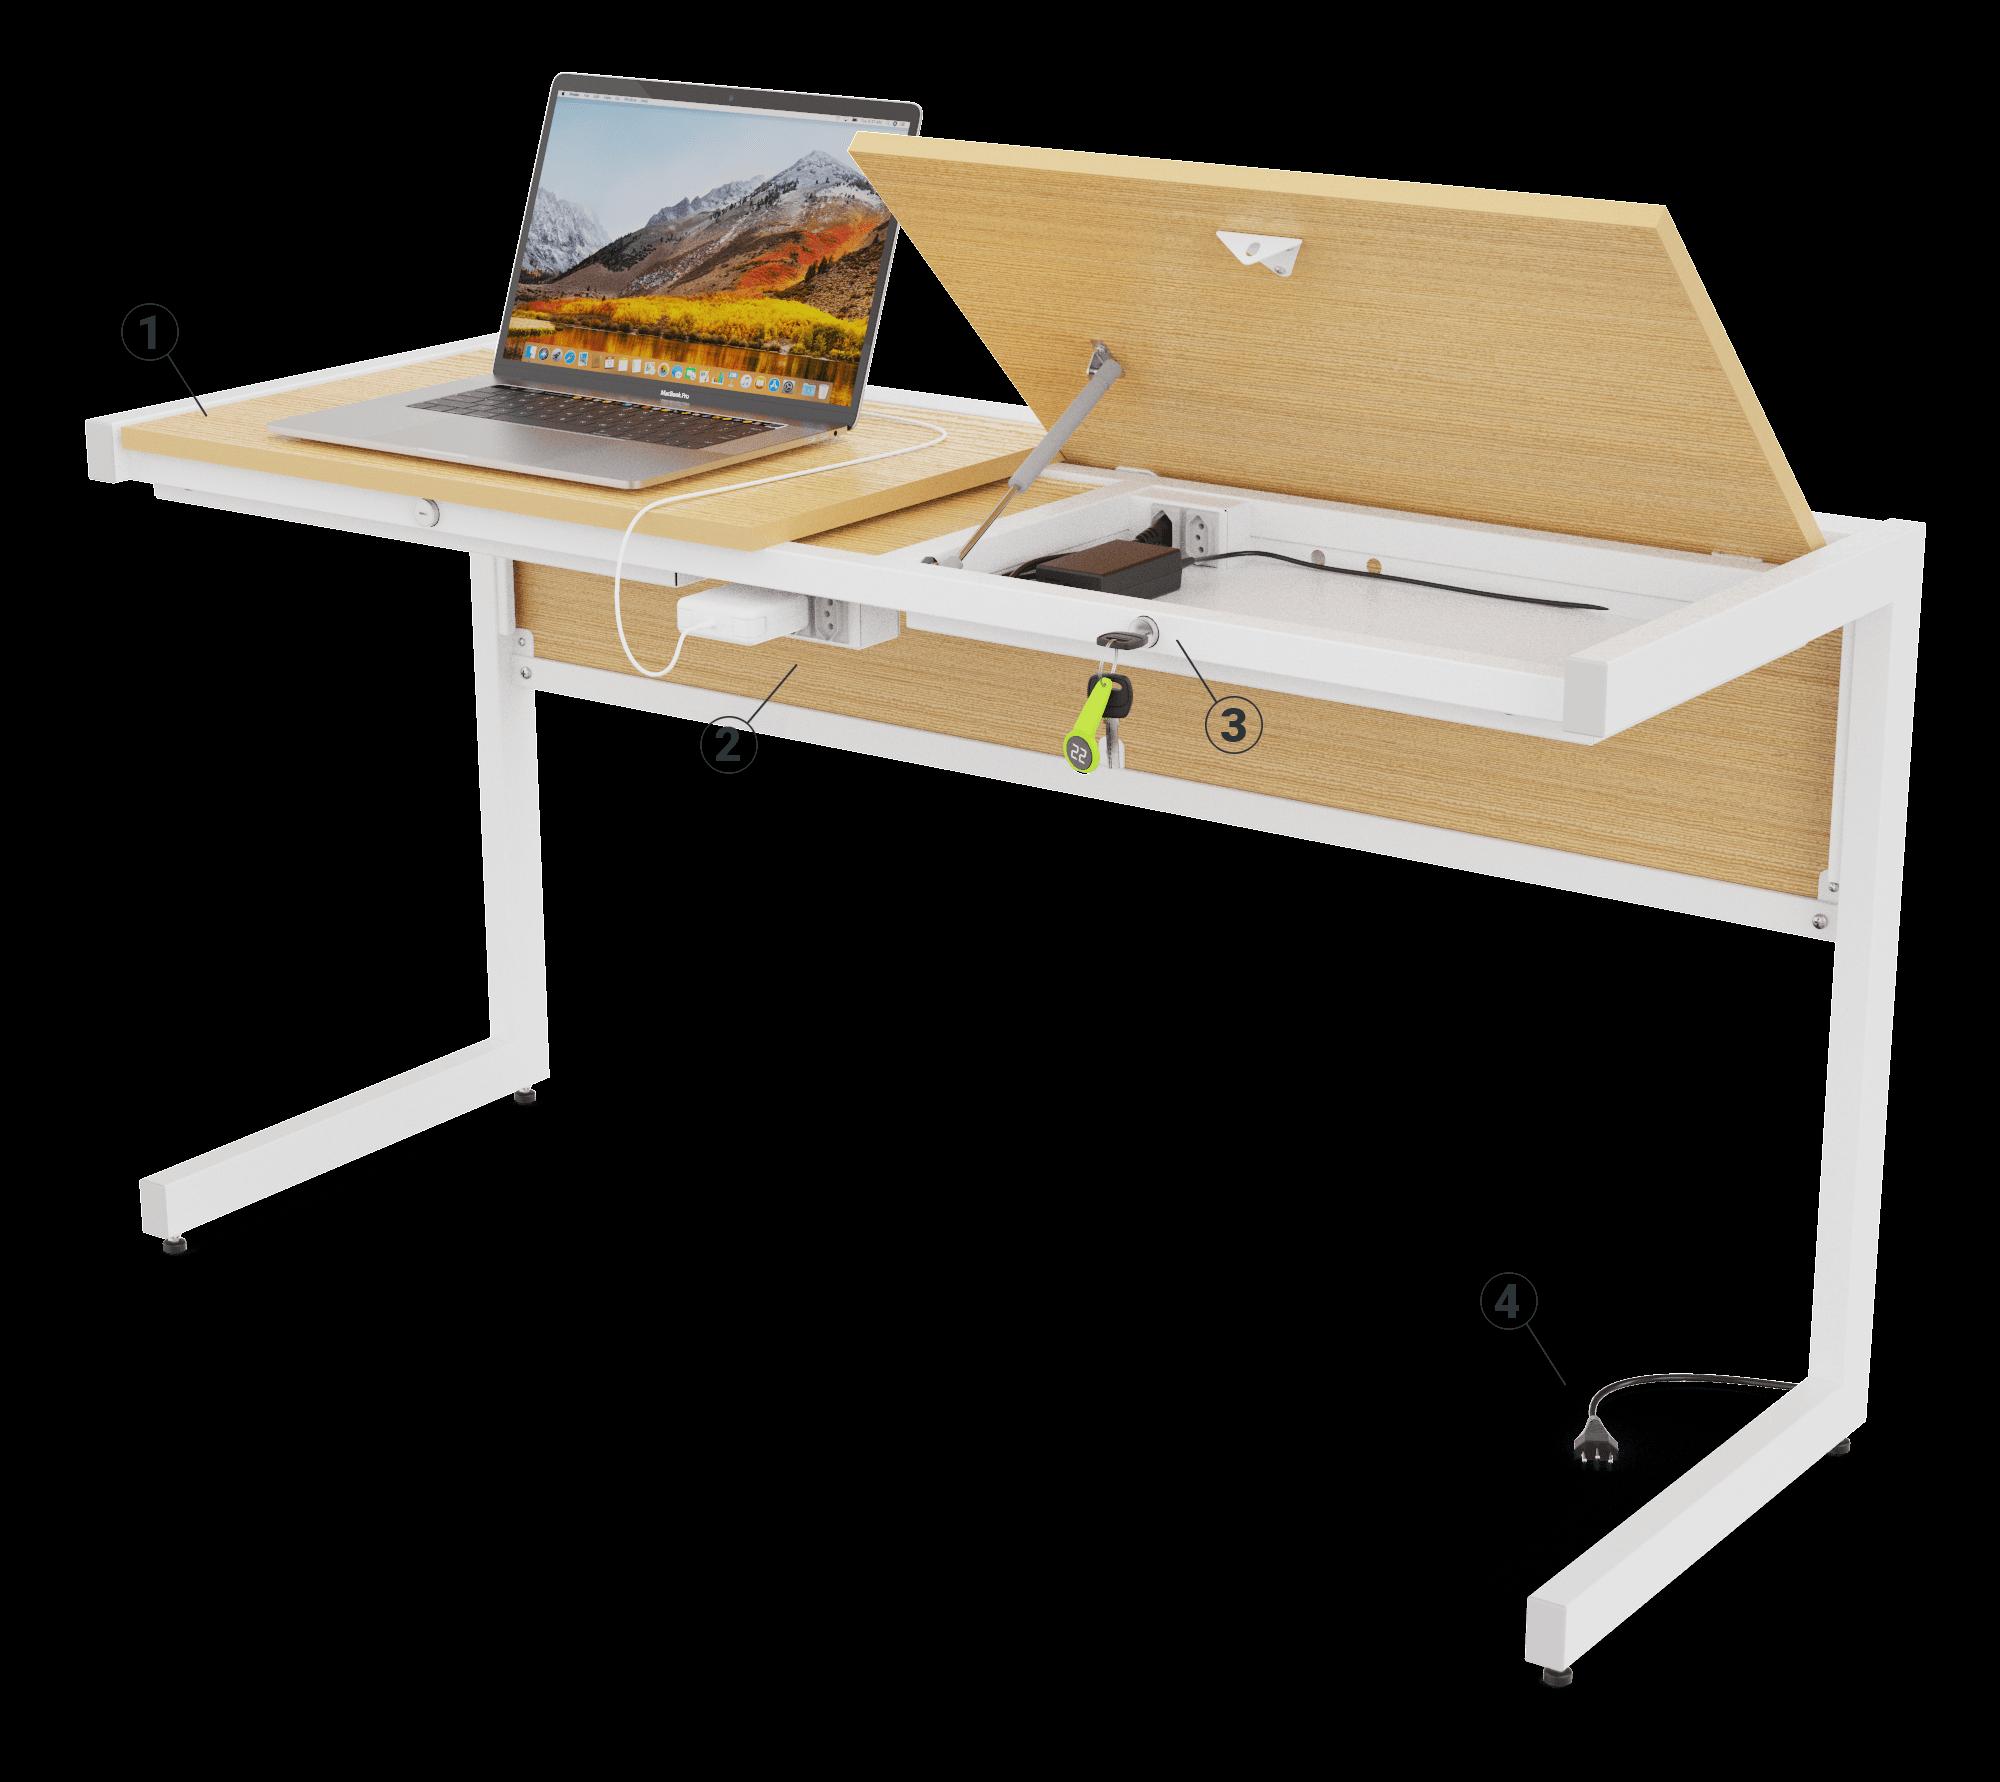 Perspectiva da mesa com um tampo fechado e um notebook, e o outro aberto revelando um compartimento.